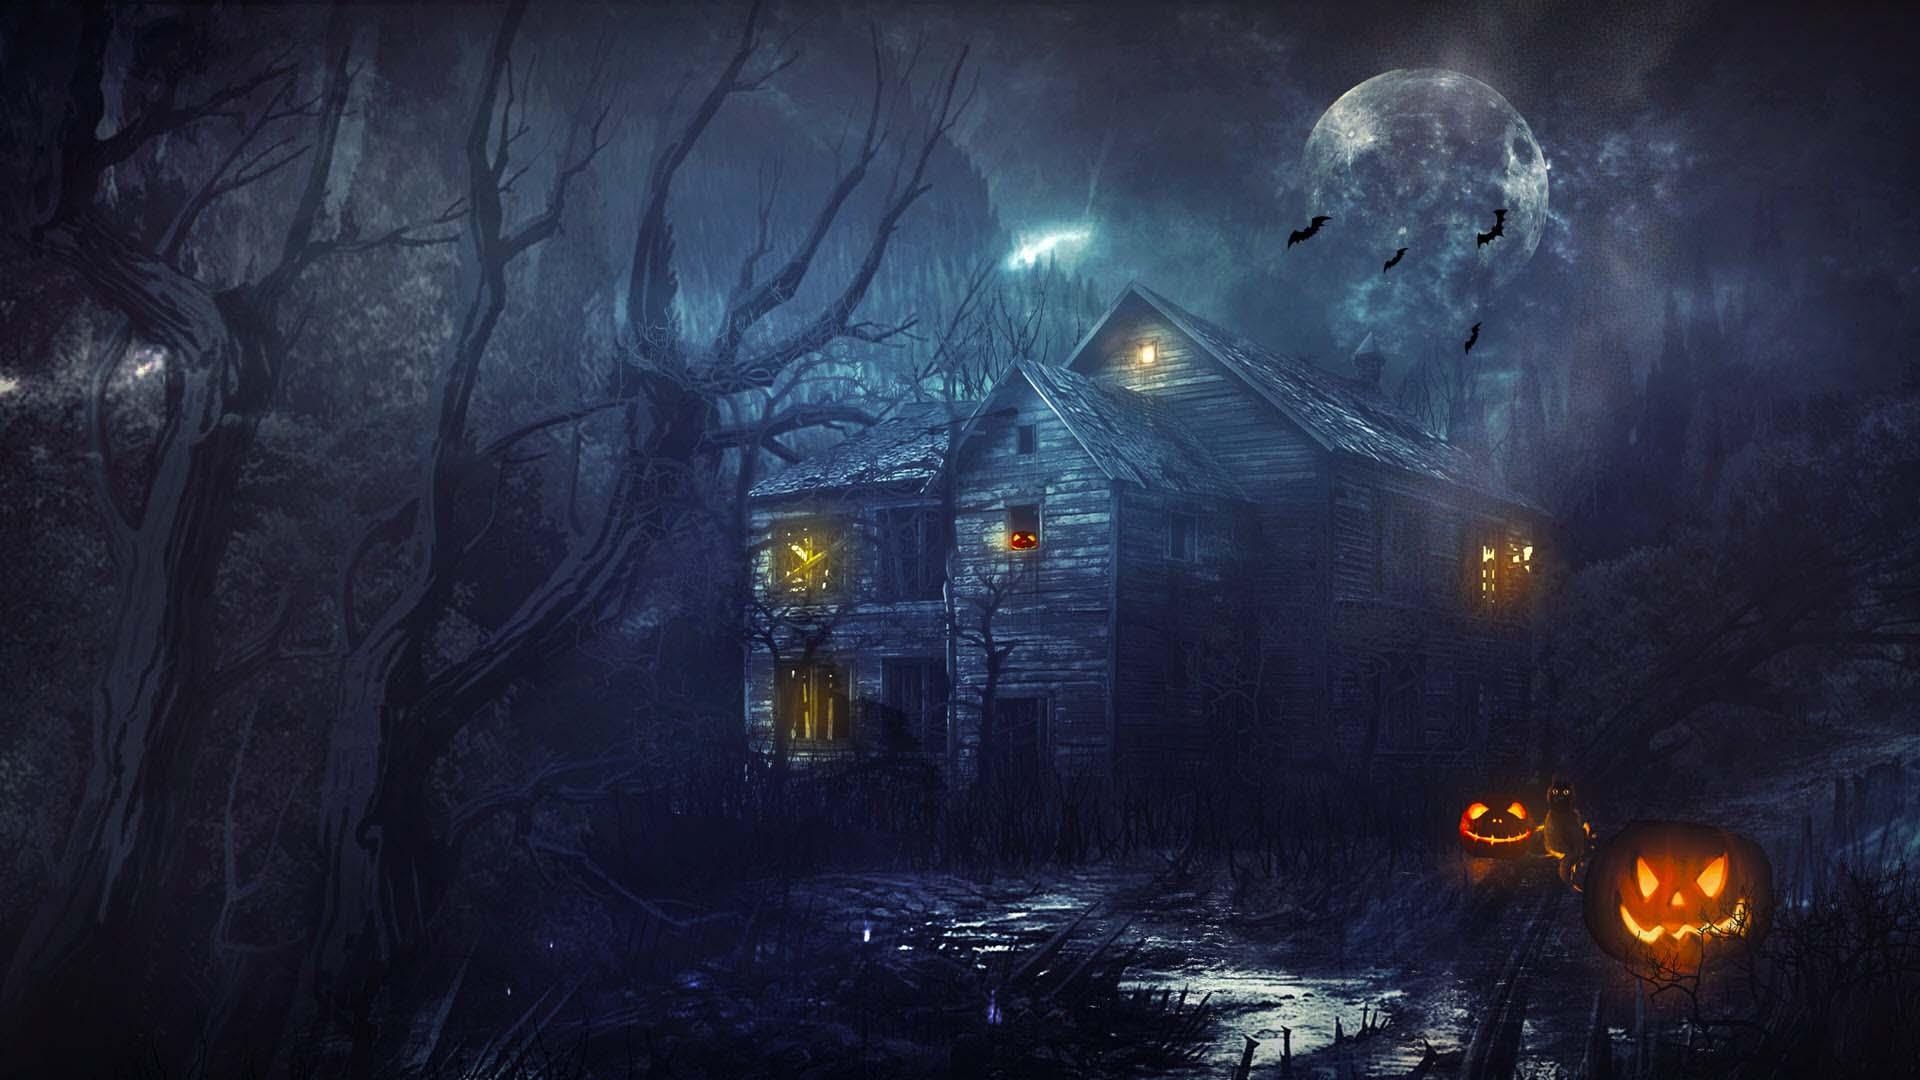 Hình nền Halloween hd